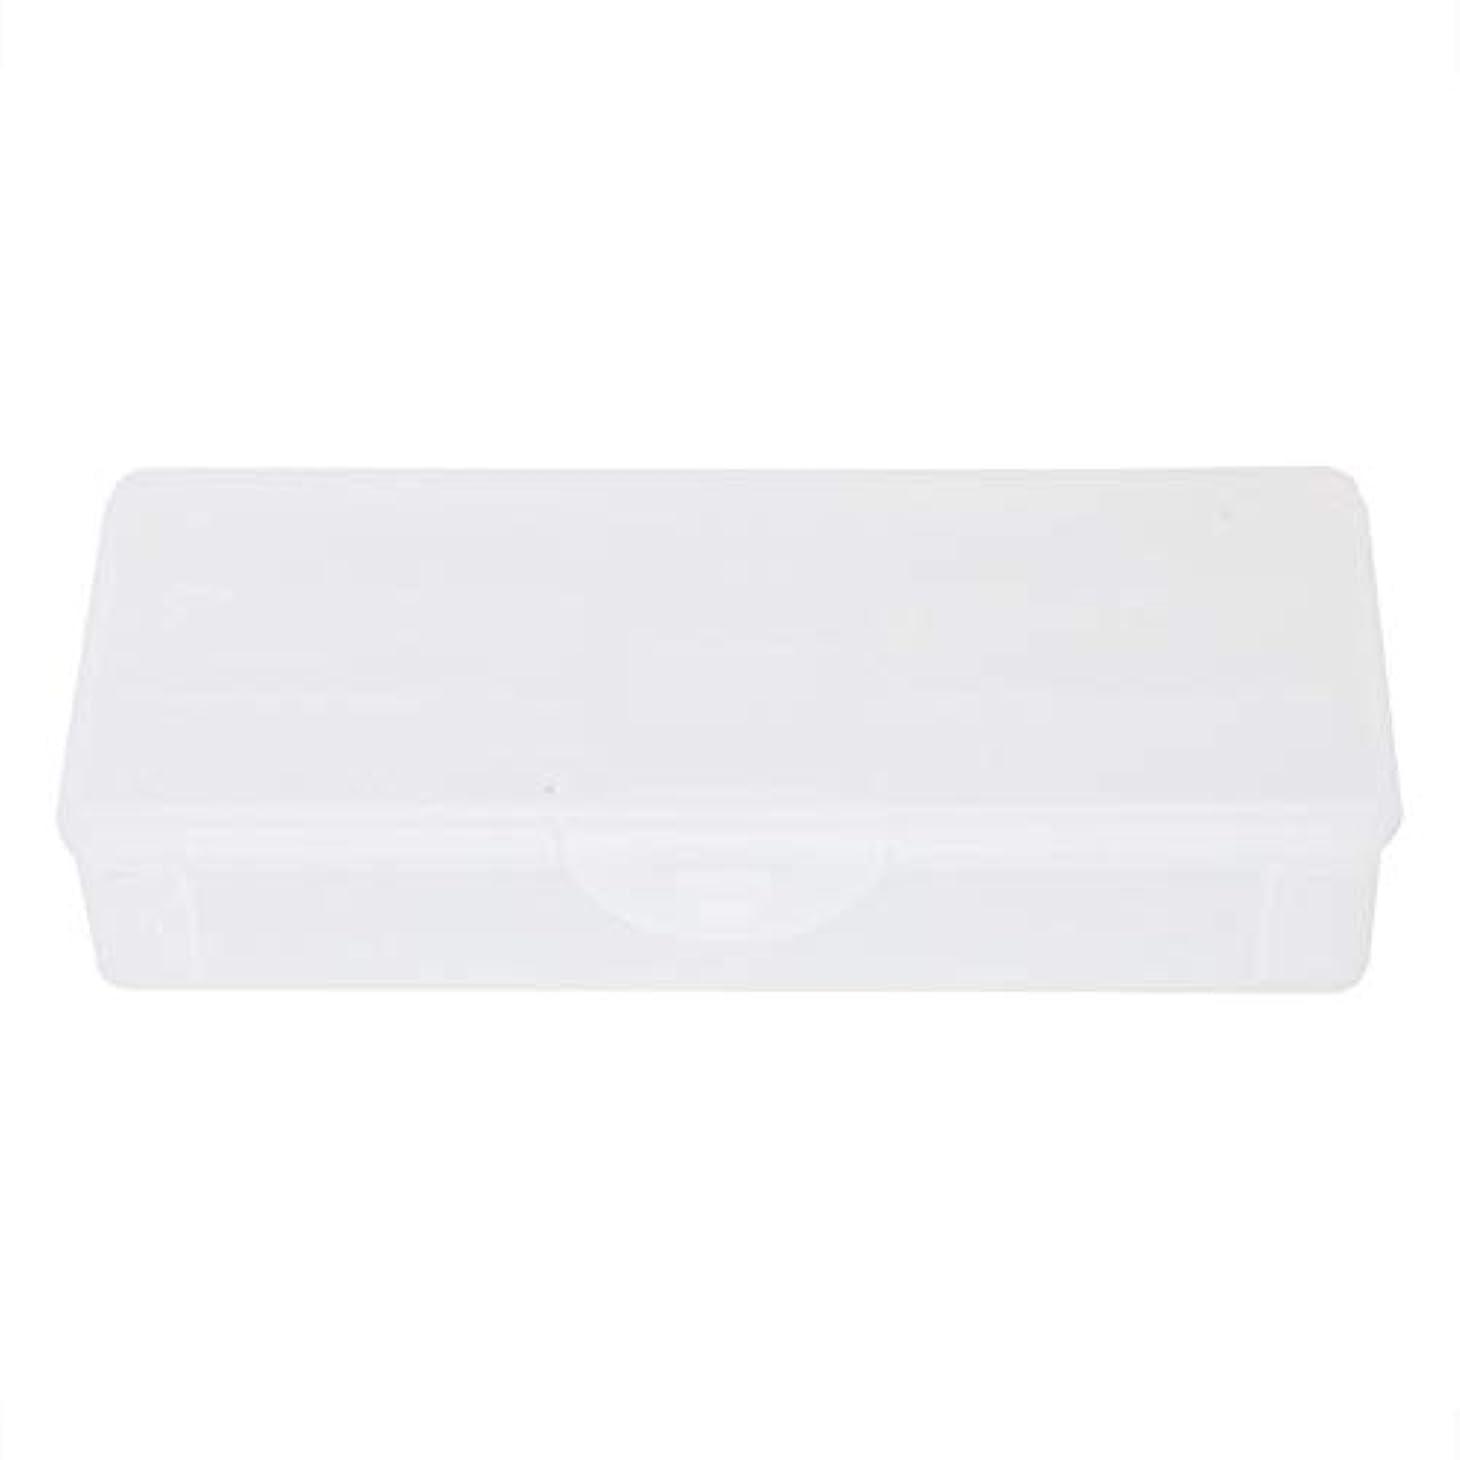 ラフ価値クラッシュポータブルプラスチック透明二重層マニキュアネイルツール-空の収納ボックスケースコンテナオーガナイザー